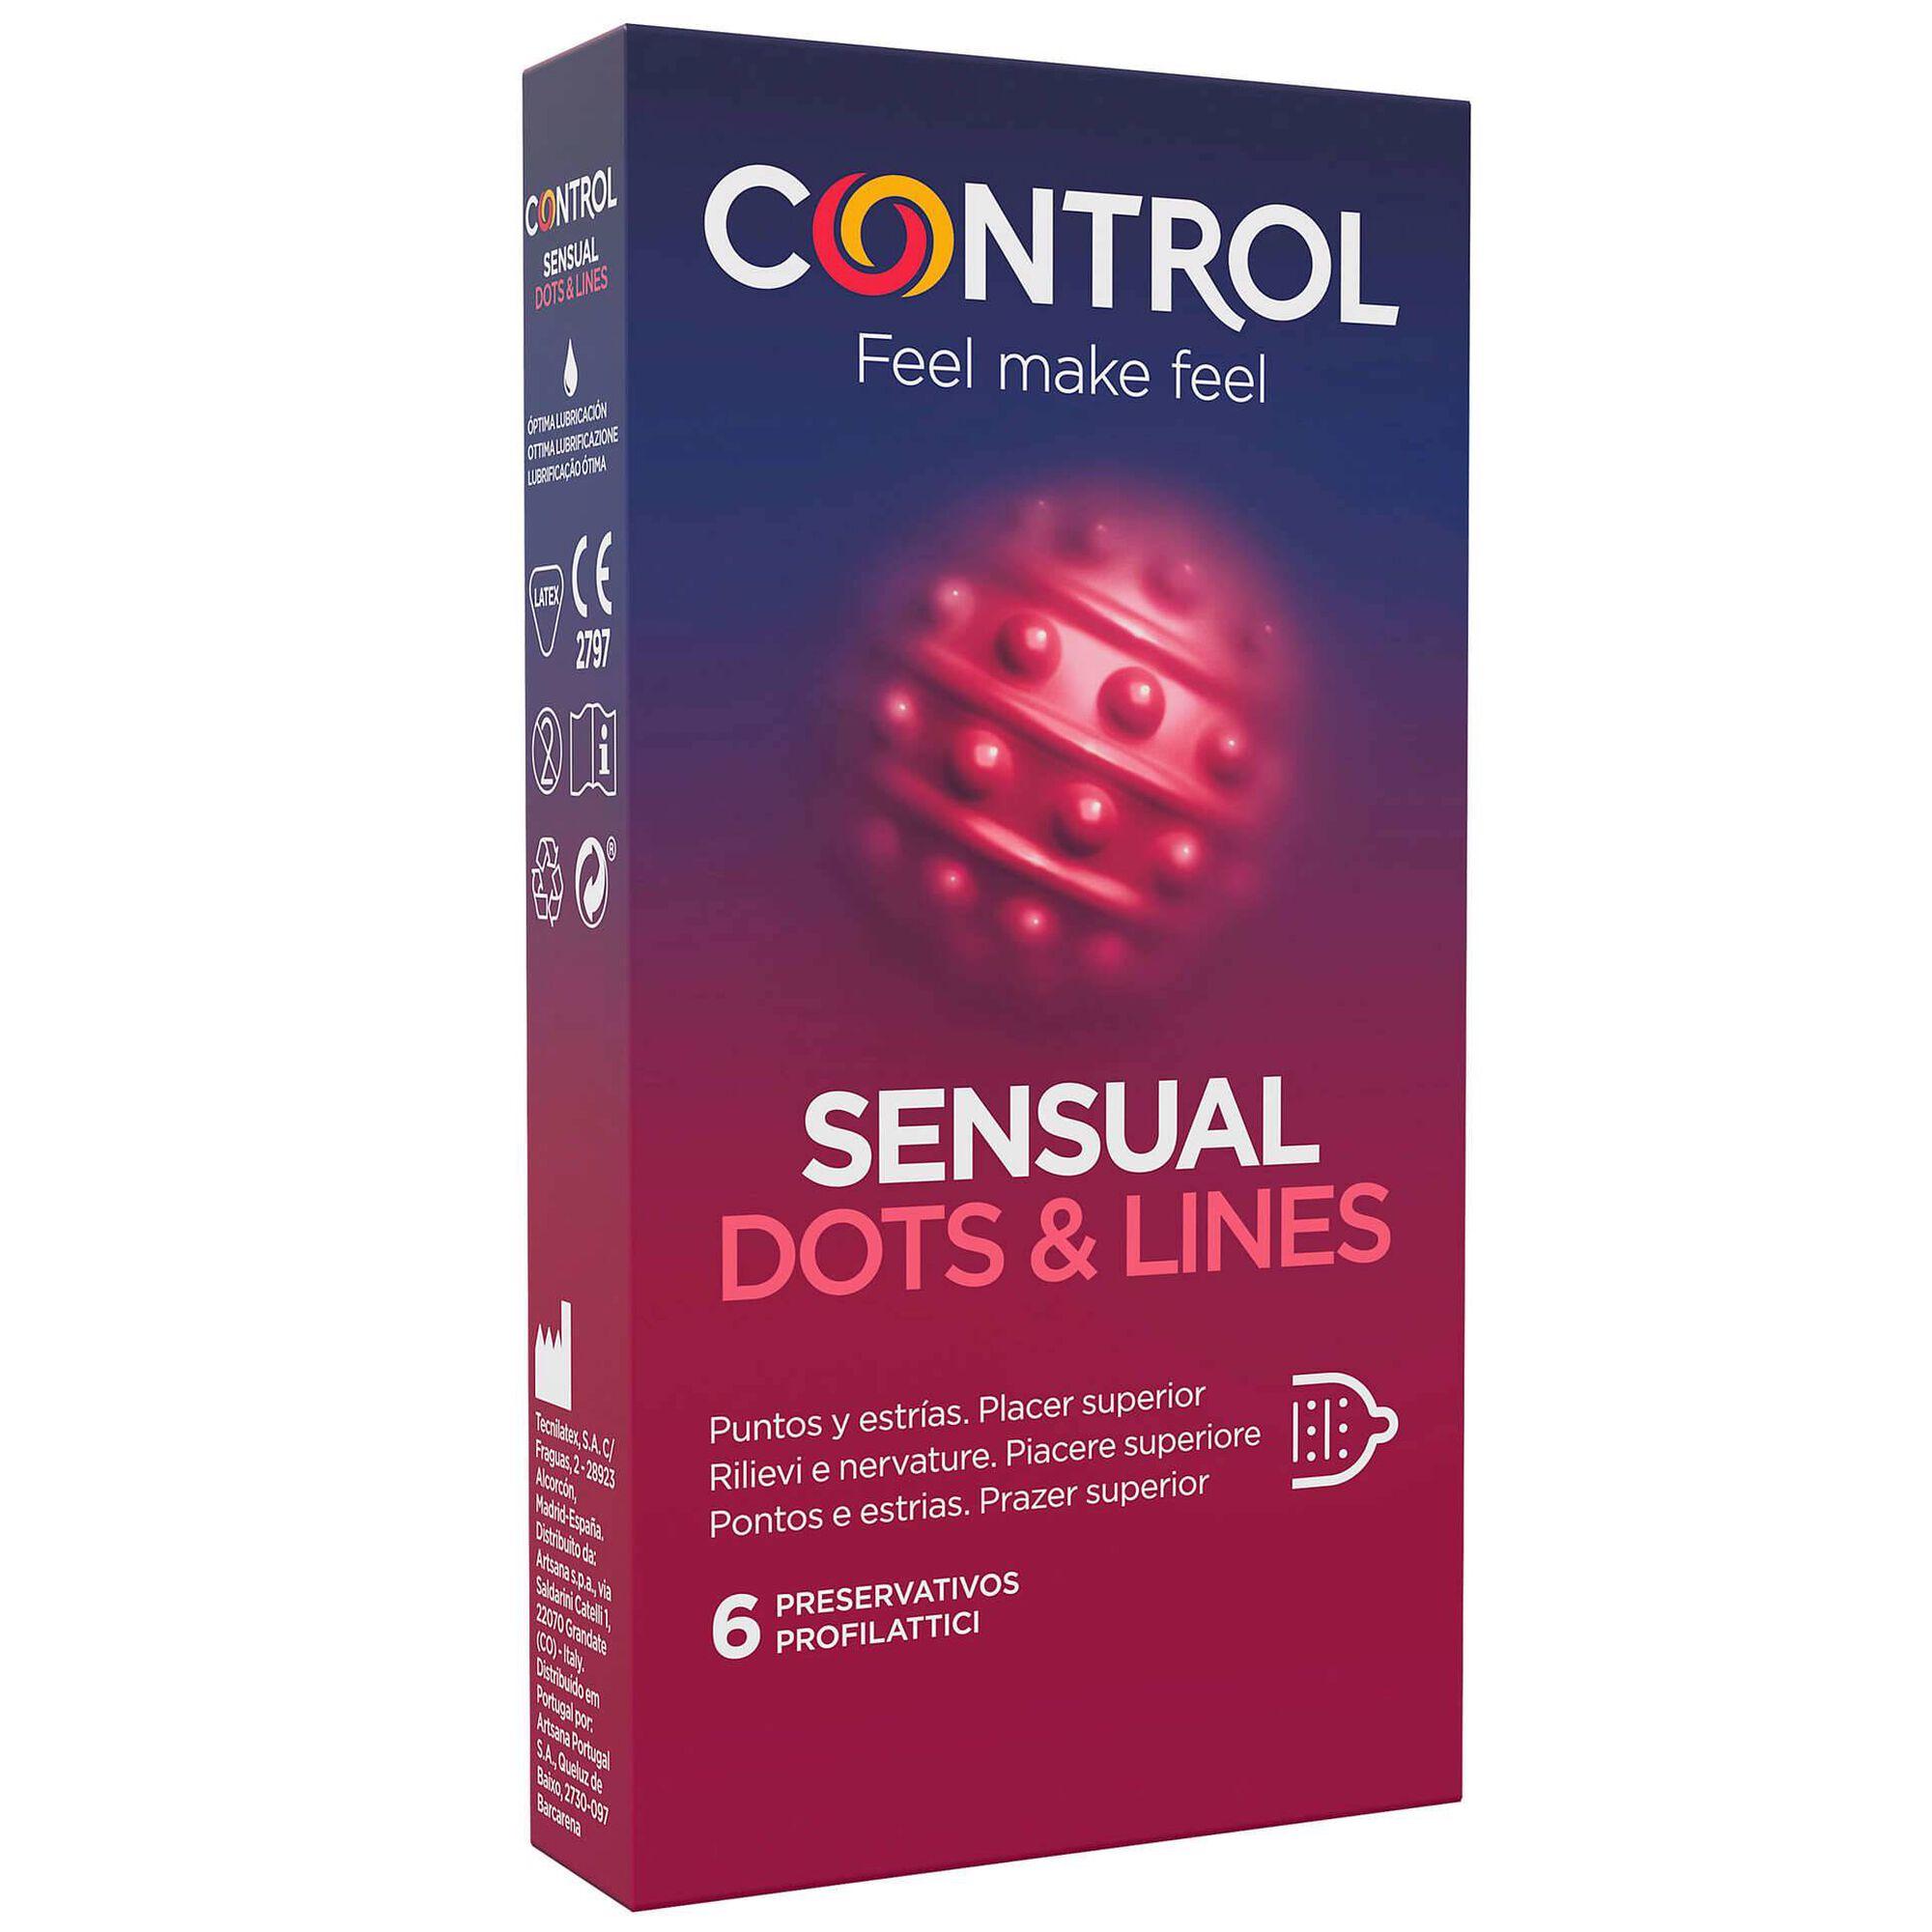 Preservativos Sensual Dots & Lines